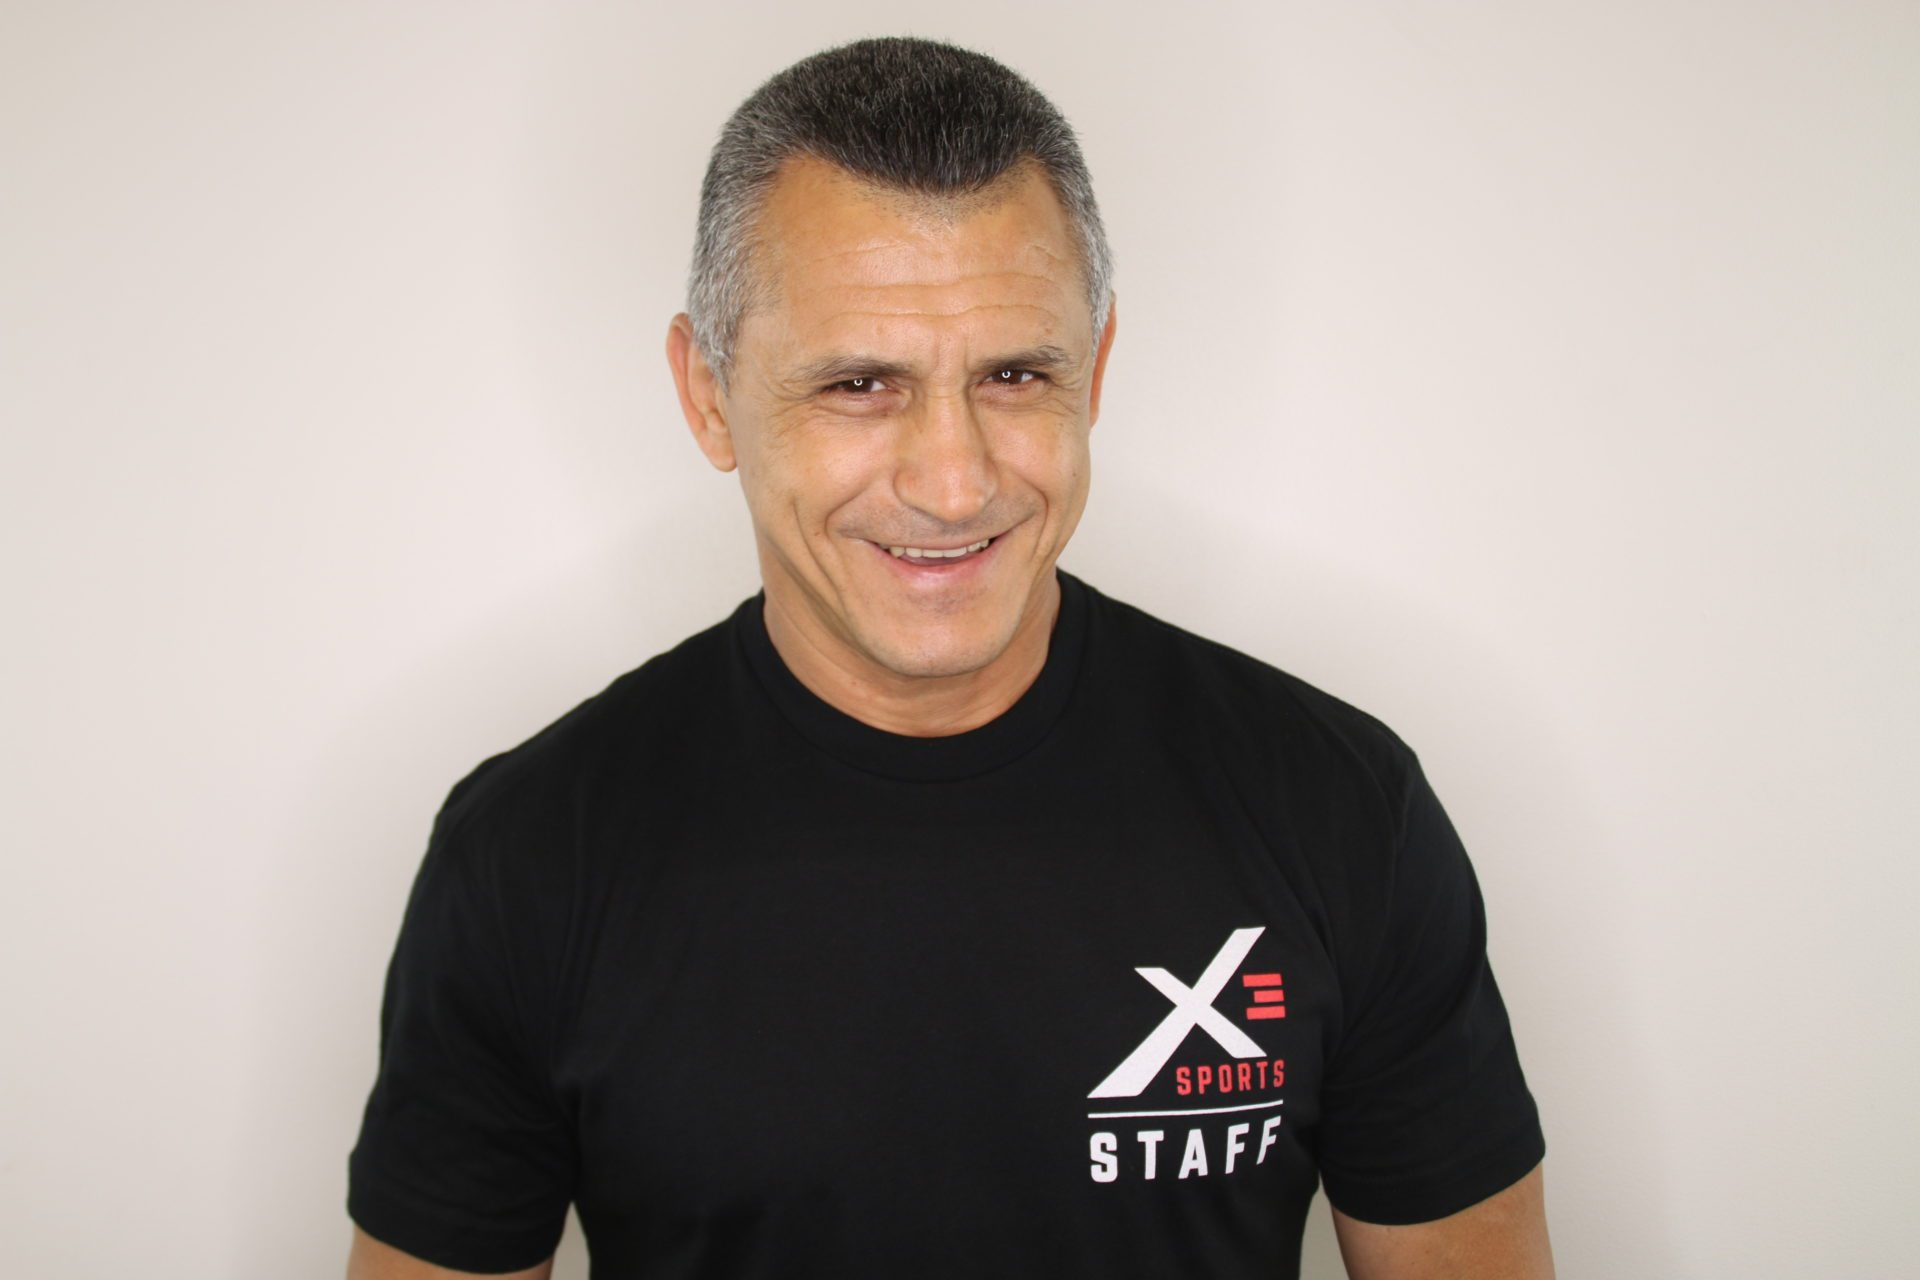 Aladino Rodriguez | X3 Sports Employee | X3 Sports